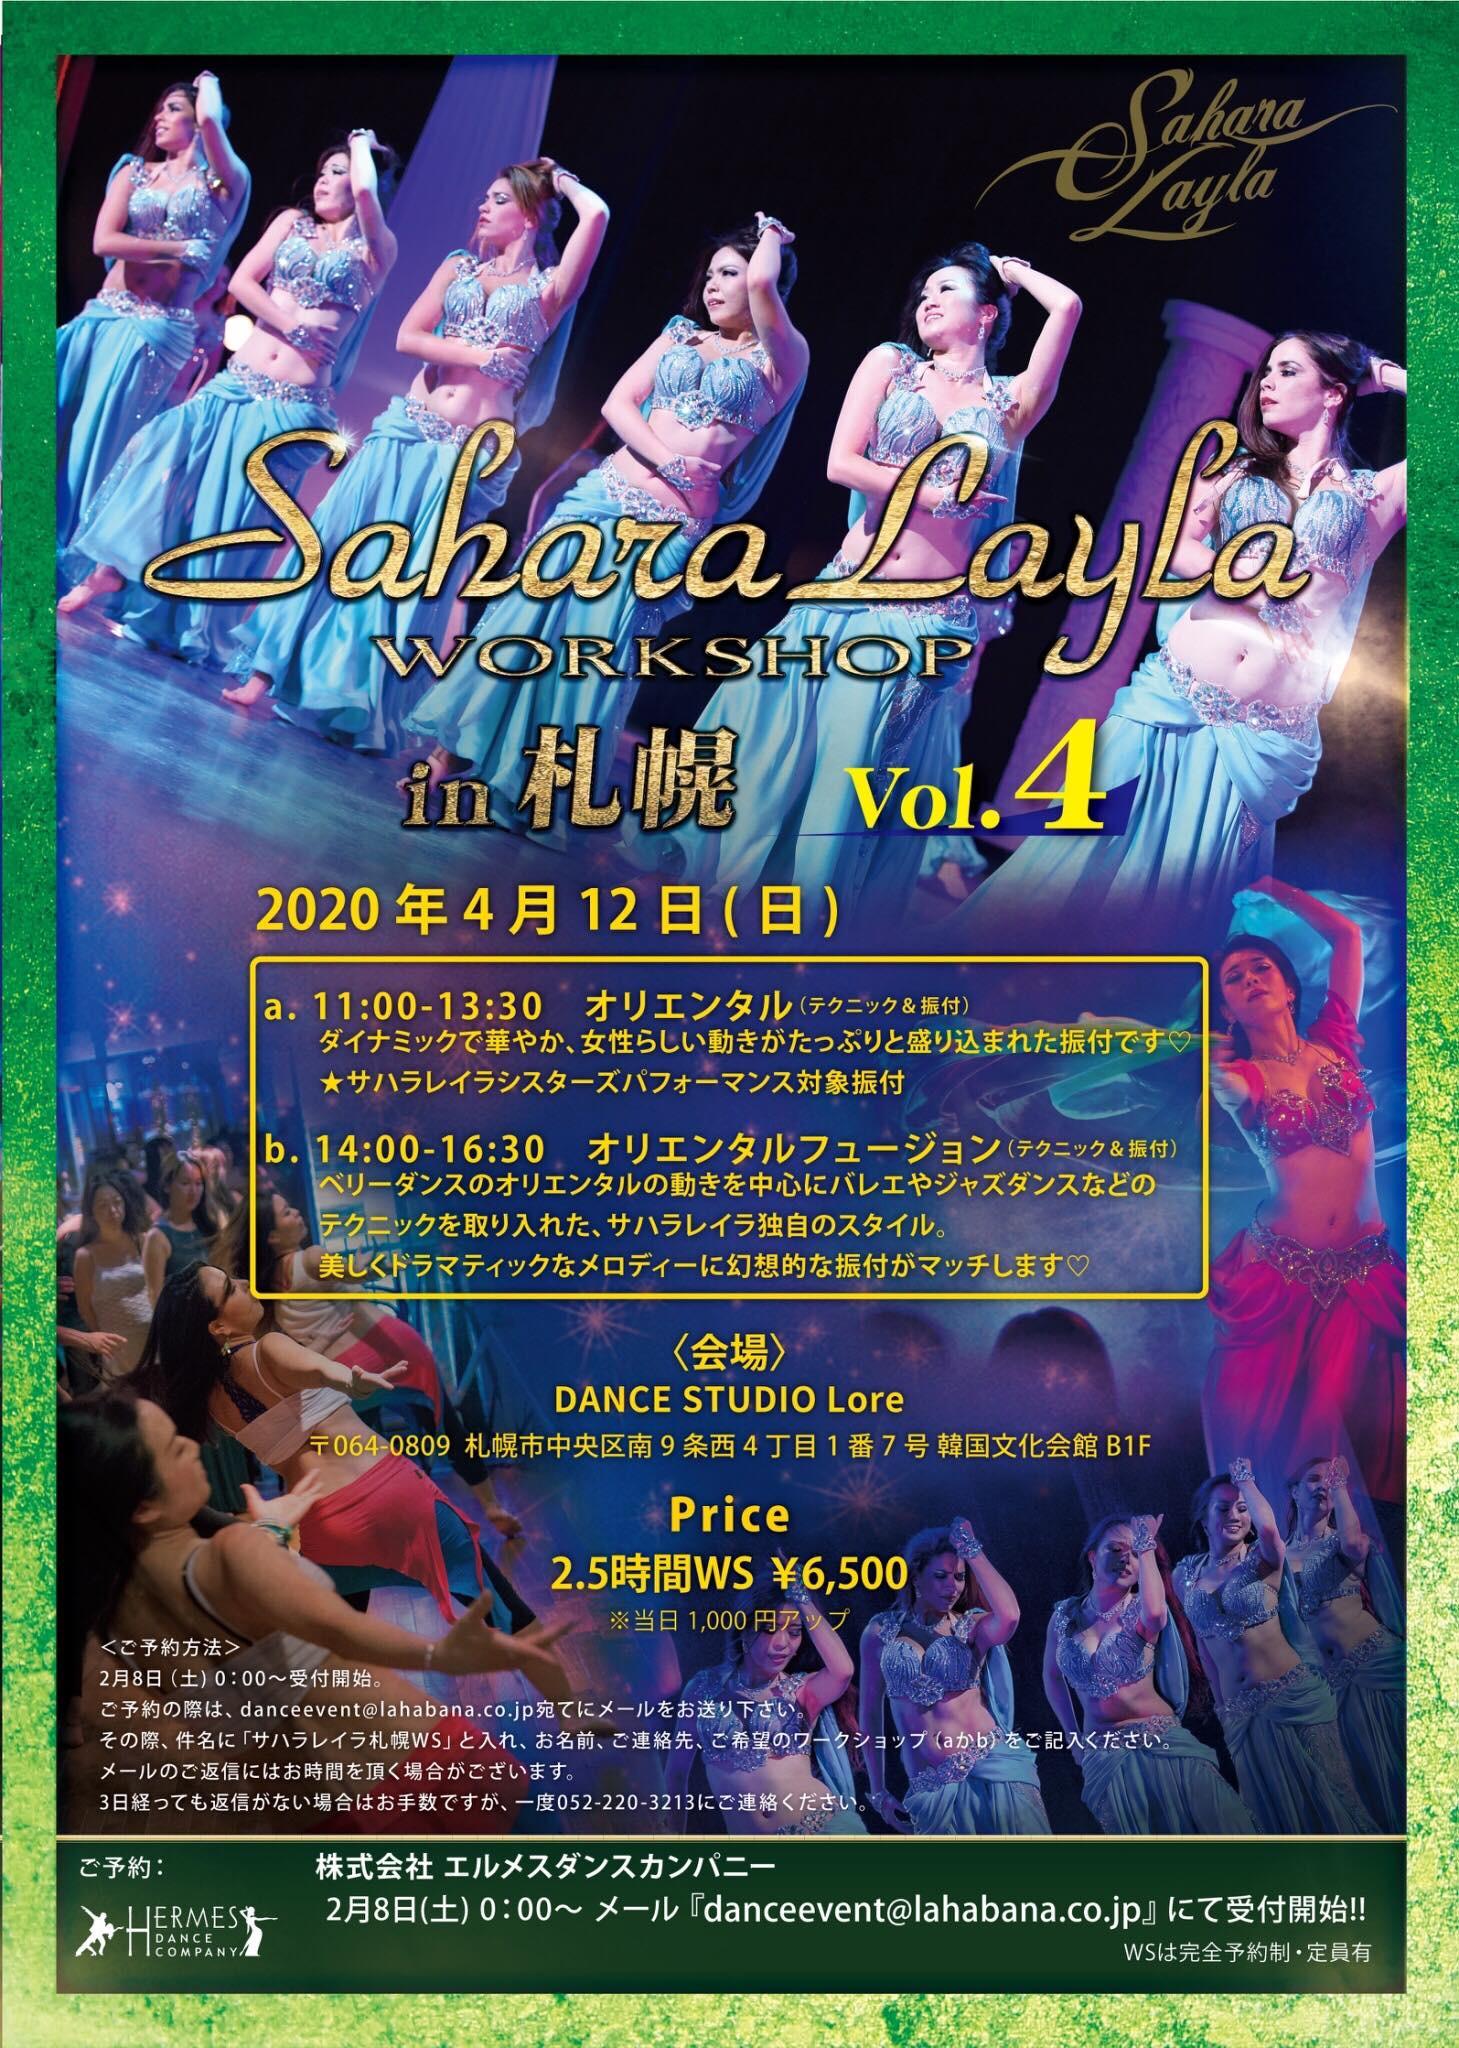 4月12日のサハラレイラベリーダンスWSについて!